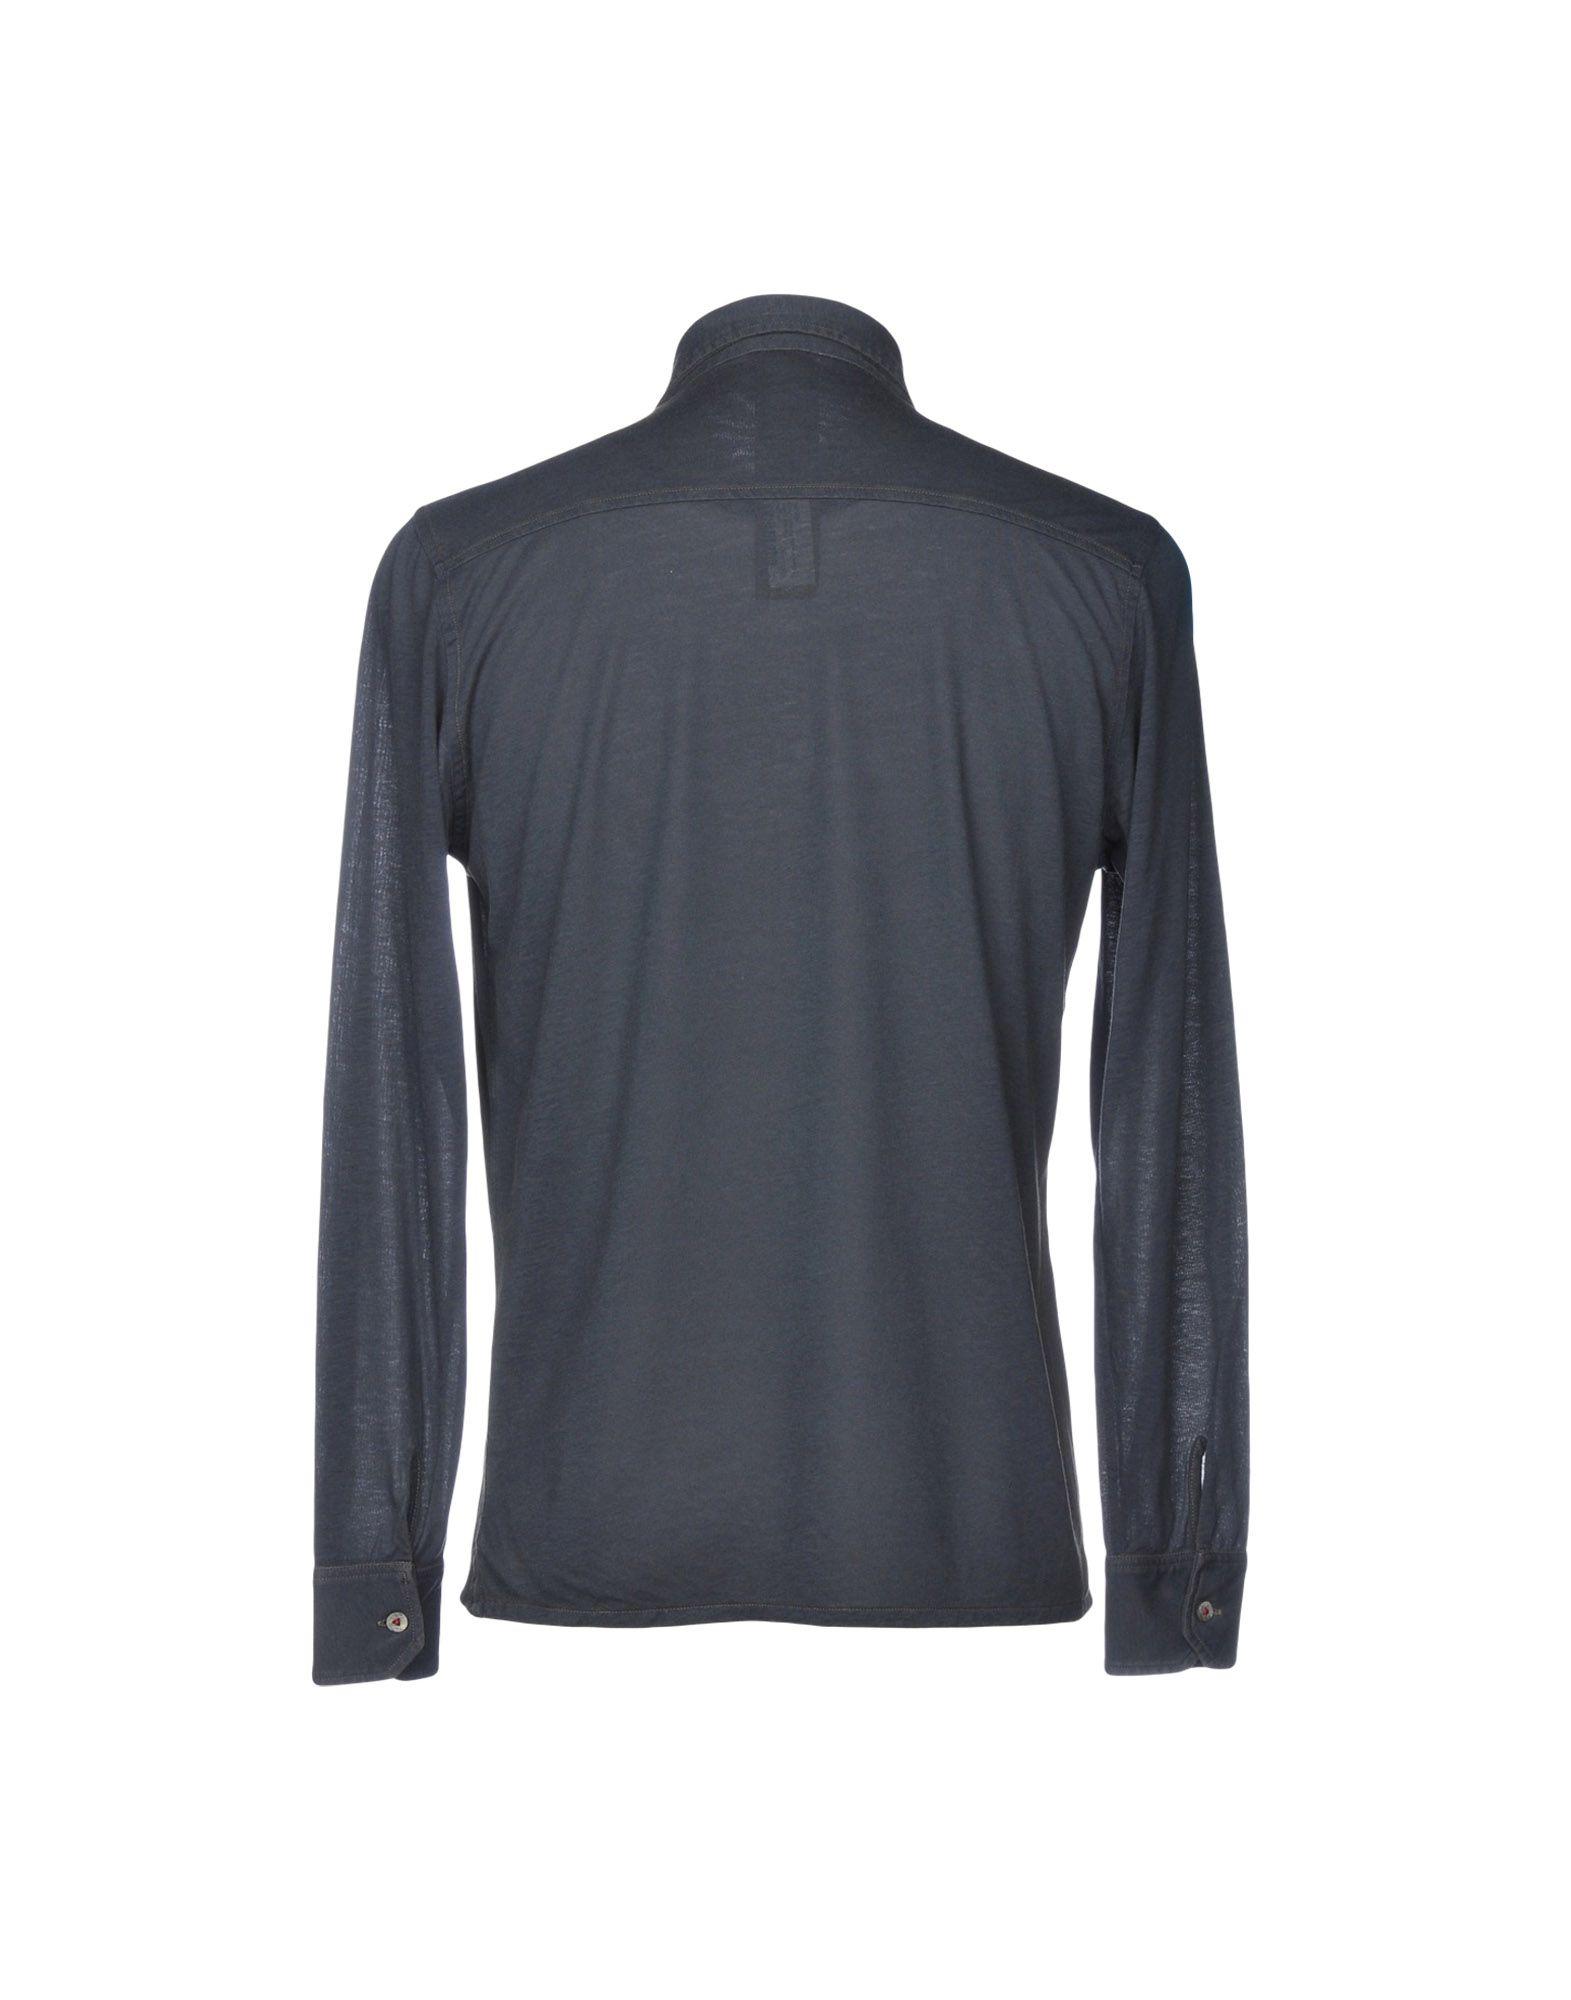 Camicia Tinta Unita - H953 Uomo - Unita 38746268CT 78a3d7